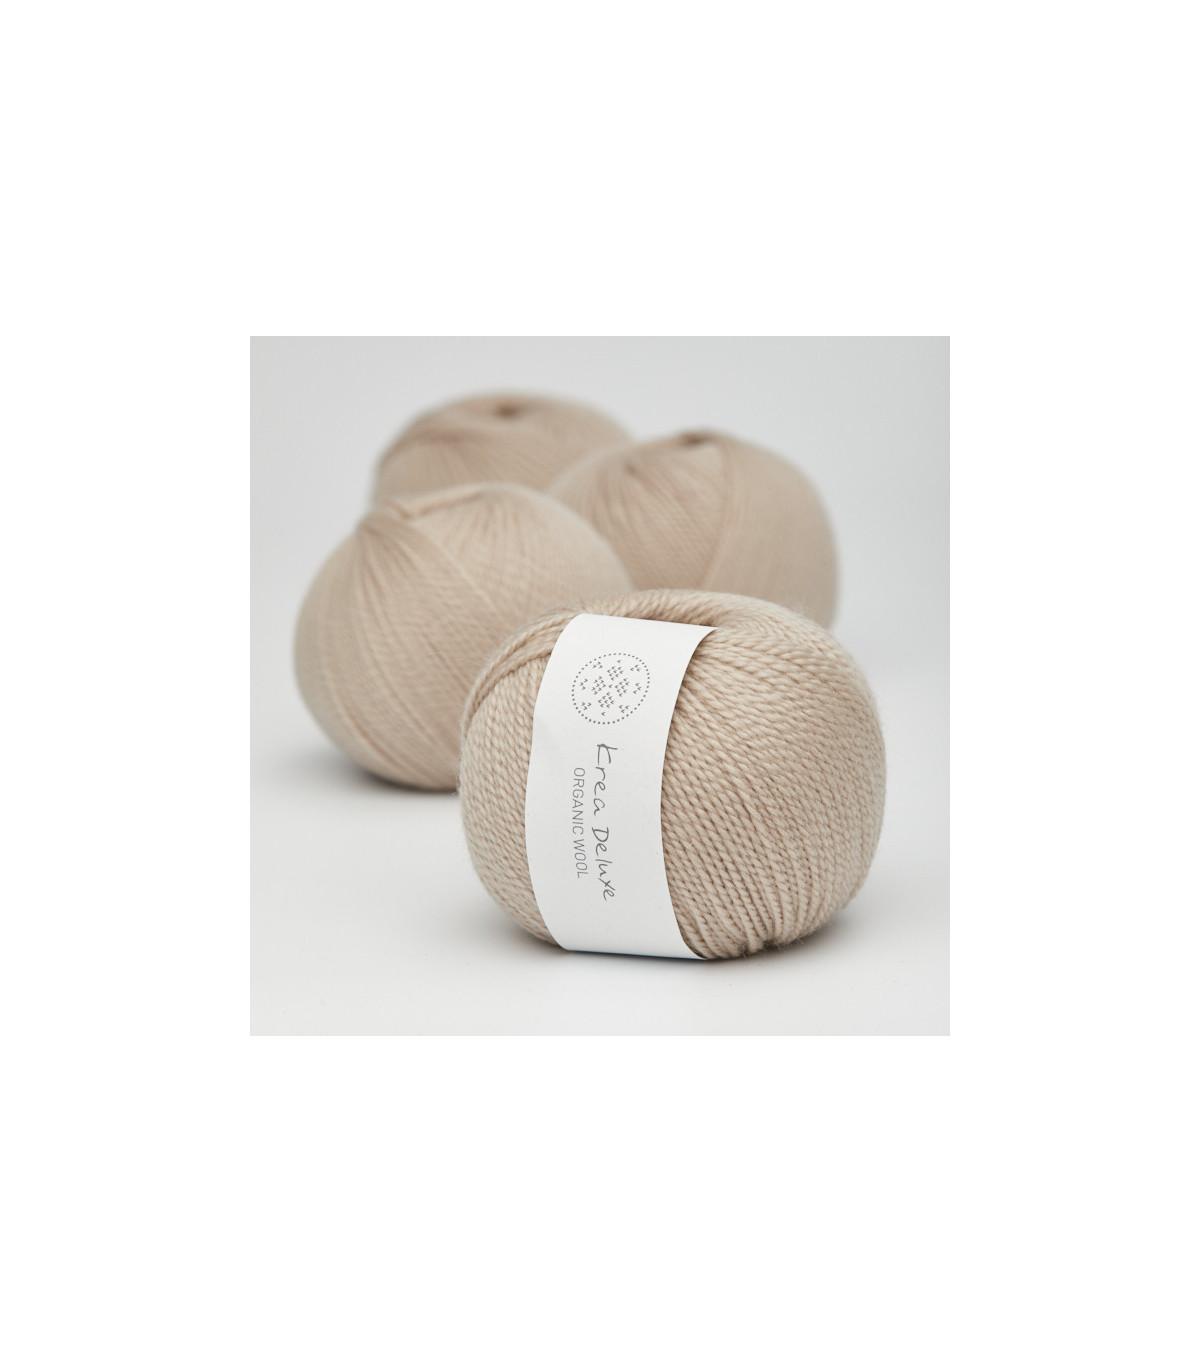 Wool 1 (Neu) - Krea Deluxe in der Farbe W 46 Sand